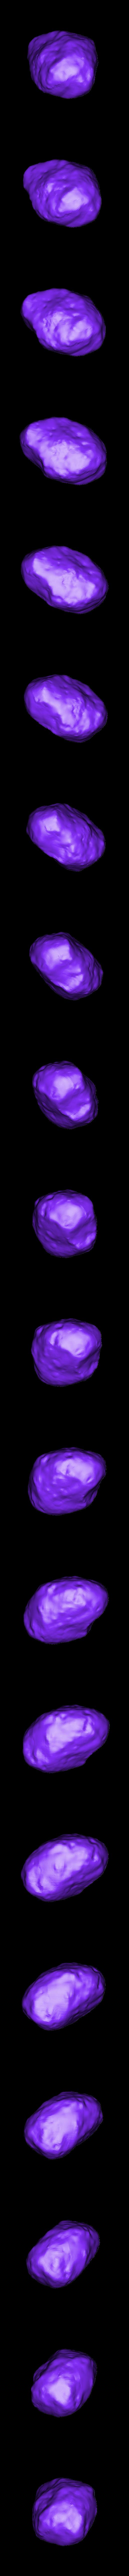 hyperion.stl Télécharger fichier OBJ gratuit Hypérion, Lune de Saturne VII • Plan pour impression 3D, terraprint